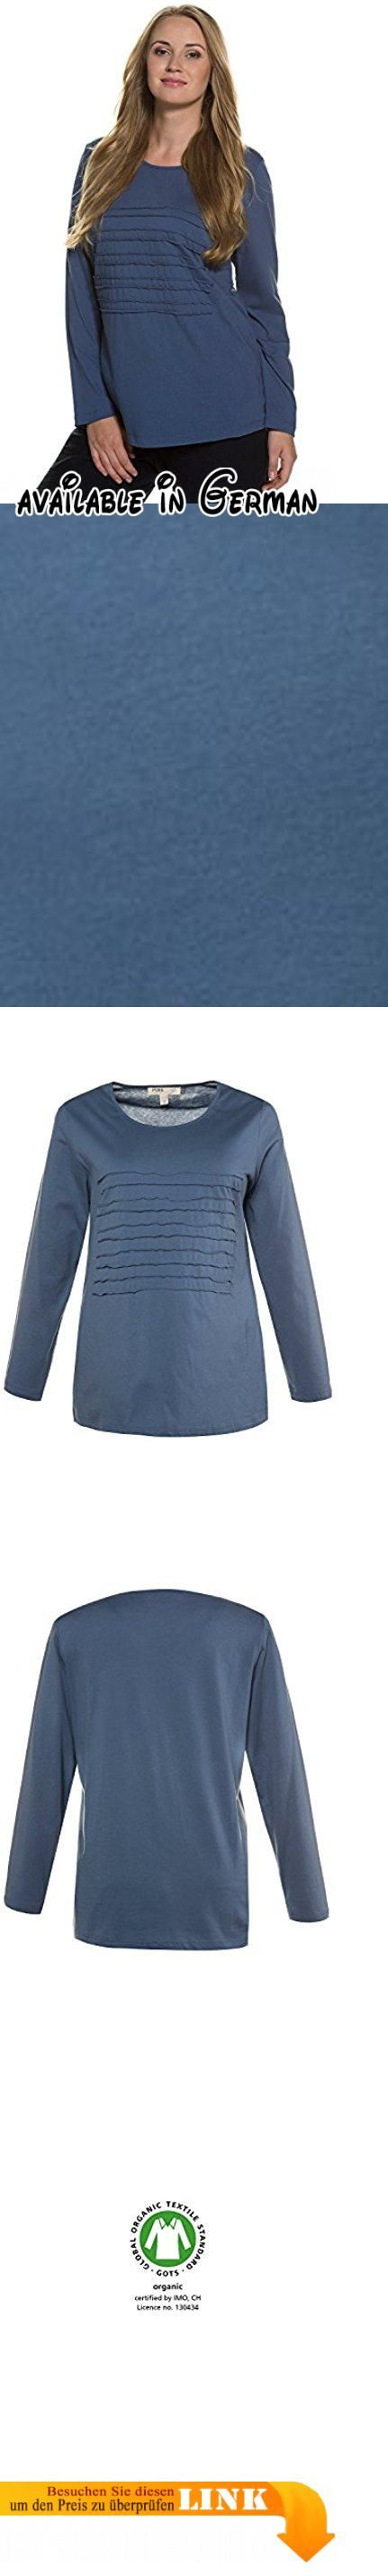 Ulla Popken Damen große Größen   Shirt   Bio-Baumwolle, Jerseystreifen   Regular Fit   bis Größe 58+   graublau 42/44 707664 71-42+. <p>Basic Damen Sweatshirt aus Bio-Baumwolle ideal für den Alltag geeignet. </p><p>Applizierte Jerseystreifen dezent in den Farben des Shirts. </p><p>Das Damen Oberteil hat einen Rundhalsausschnitt & lange Ärmel. </p><p>Die gerate Schnittform bietet hohen Tragekomfort mit viel Bewegungsfreiheit. </p><p>Größenangepasste Länge: ca 68